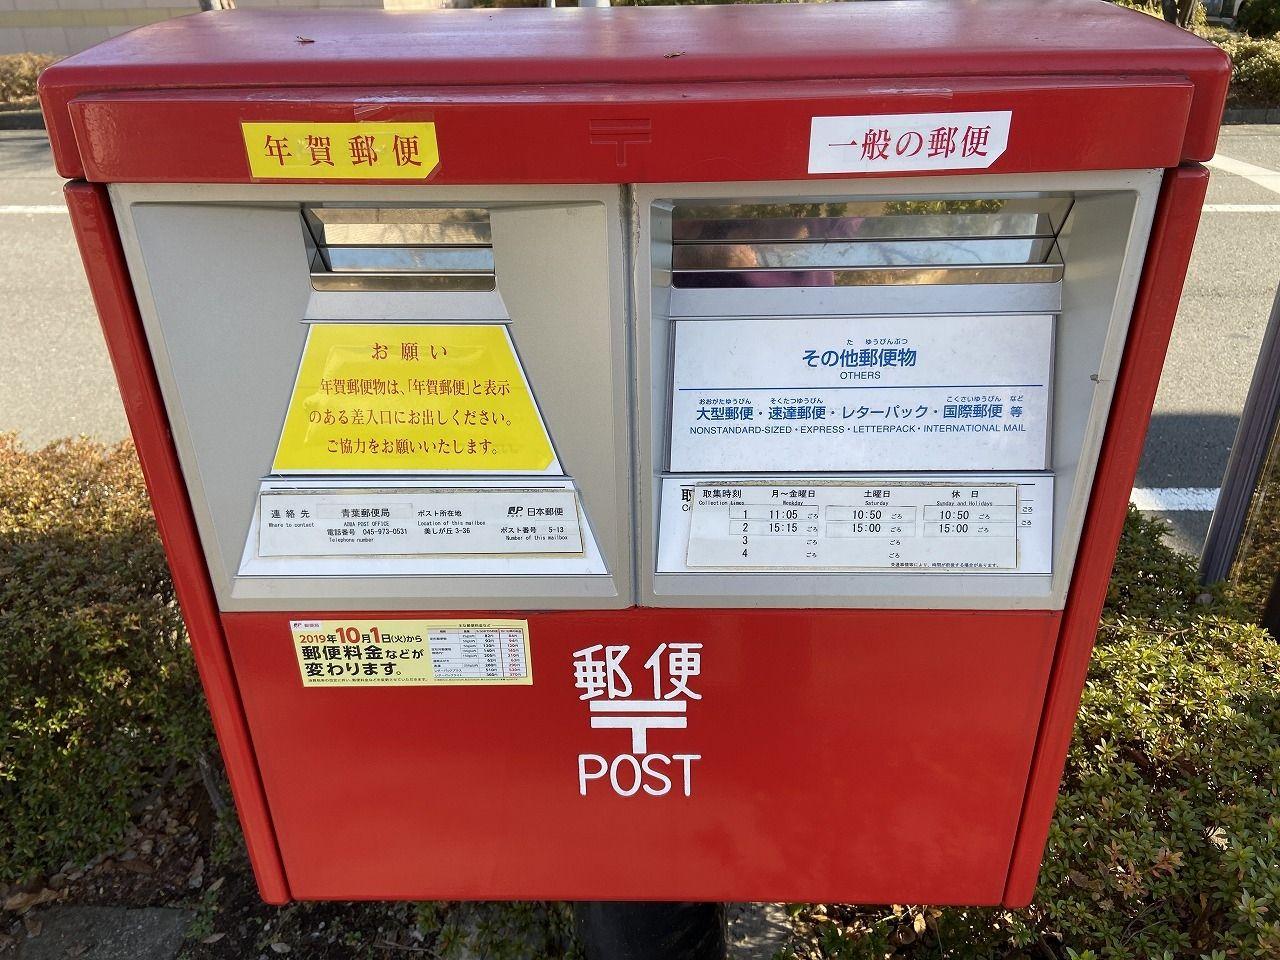 たまプラーザの郵便ポスト(美しが丘3丁目)